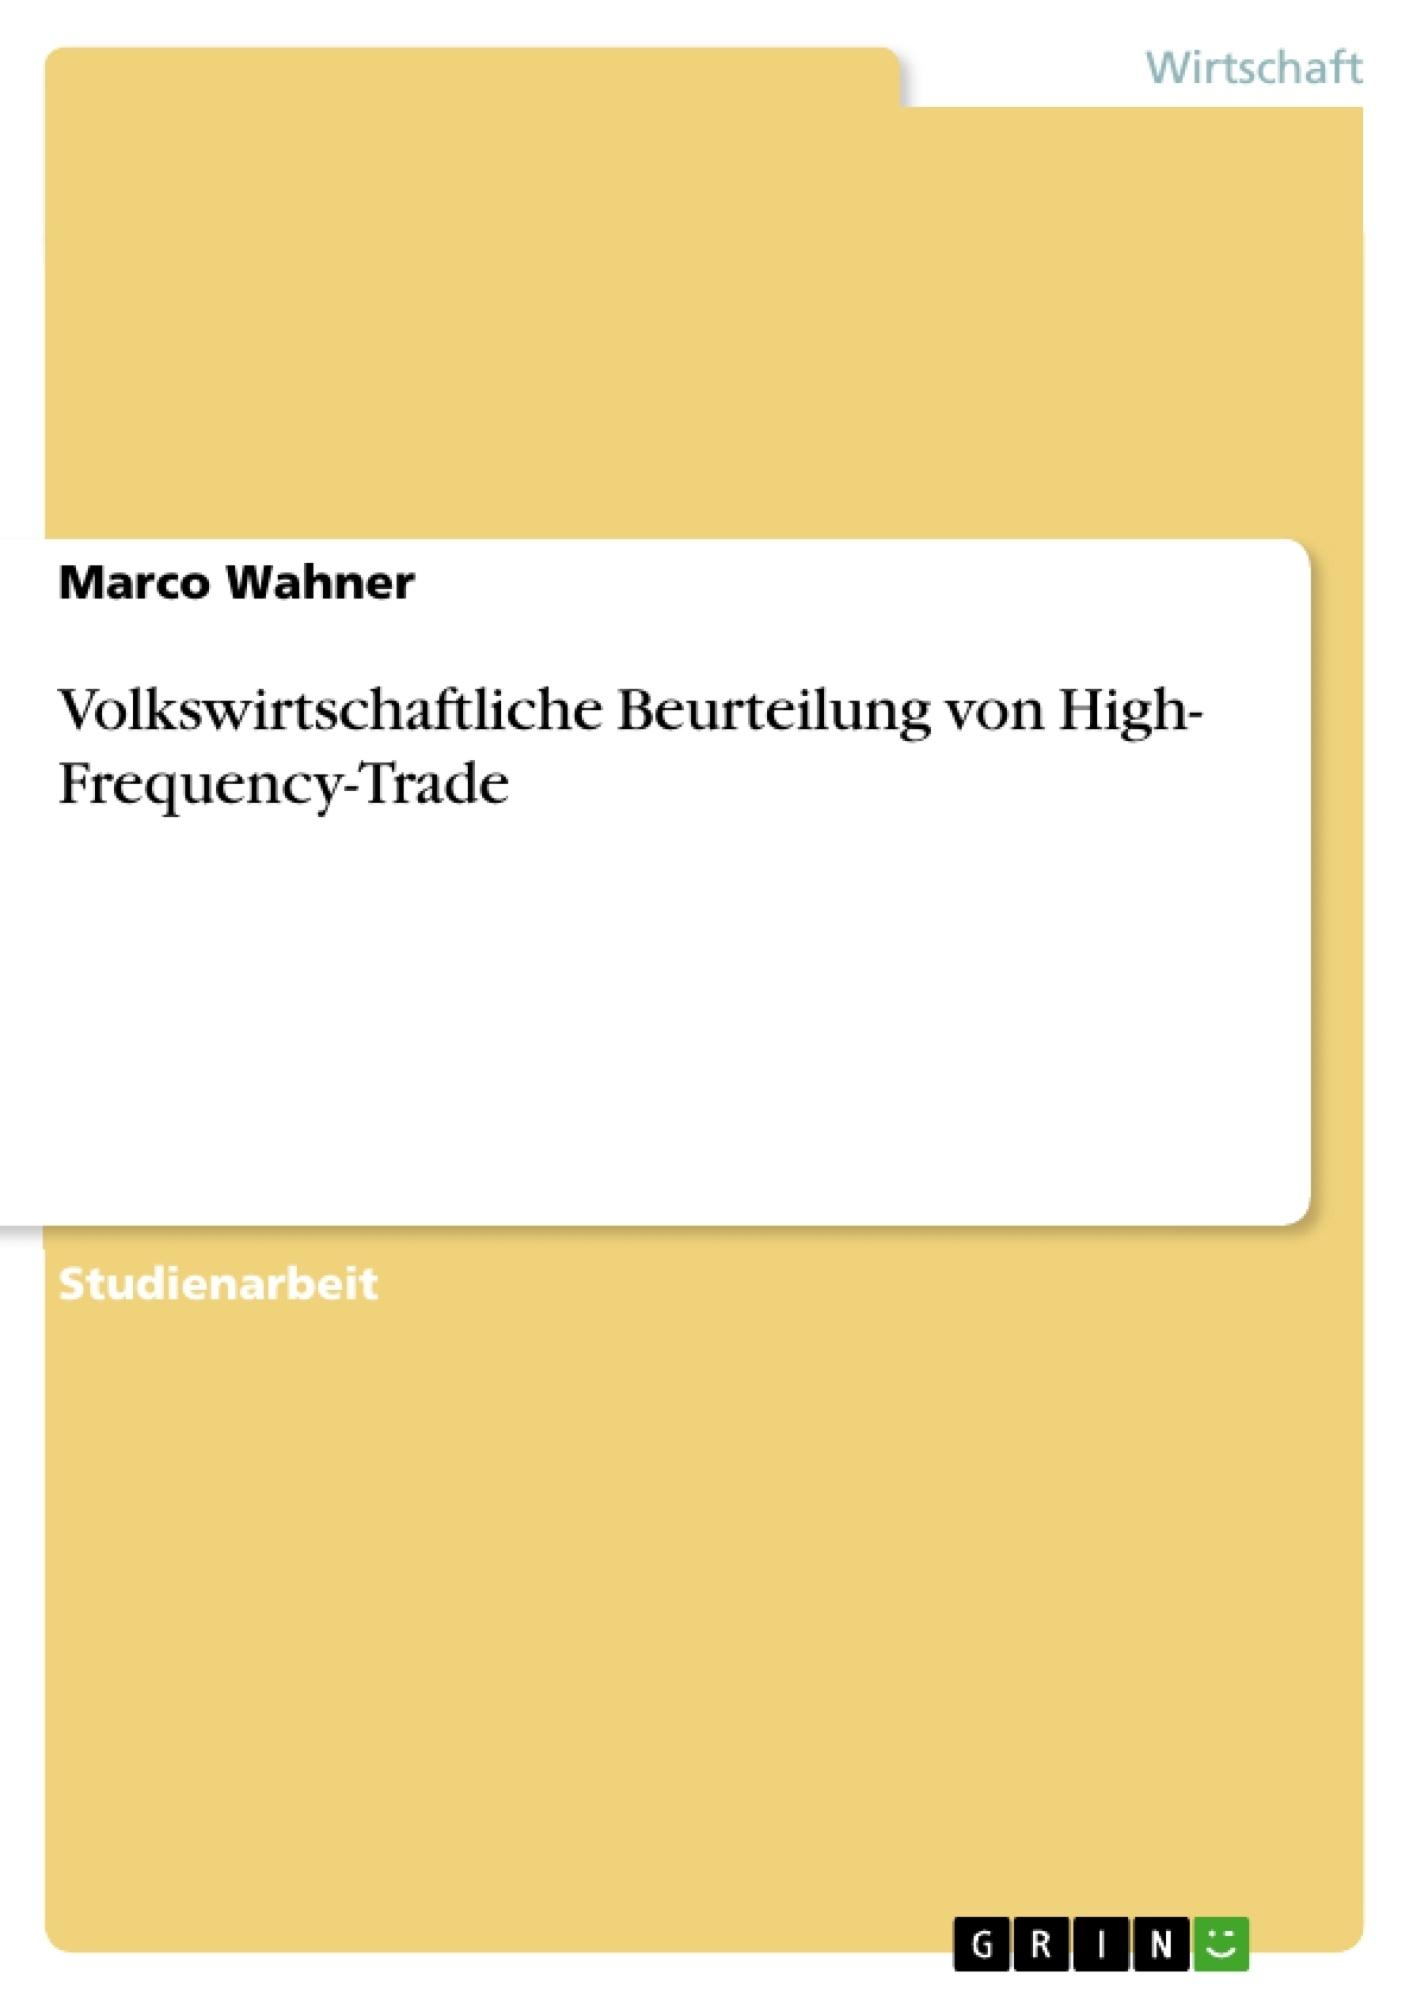 Titel: Volkswirtschaftliche Beurteilung von High- Frequency-Trade